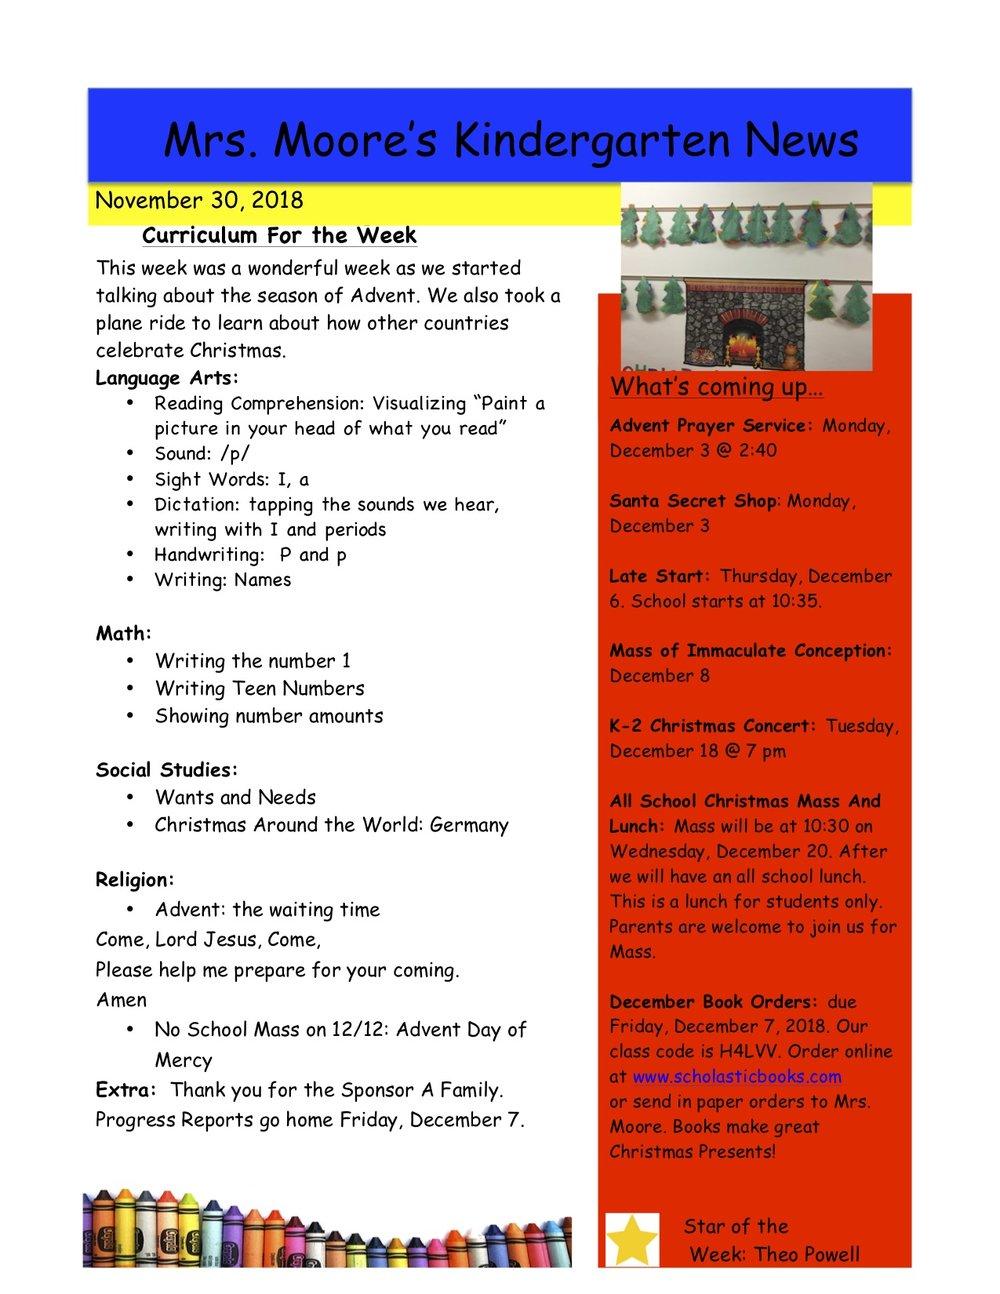 MooreNewsletter Week 11-30-18.jpg